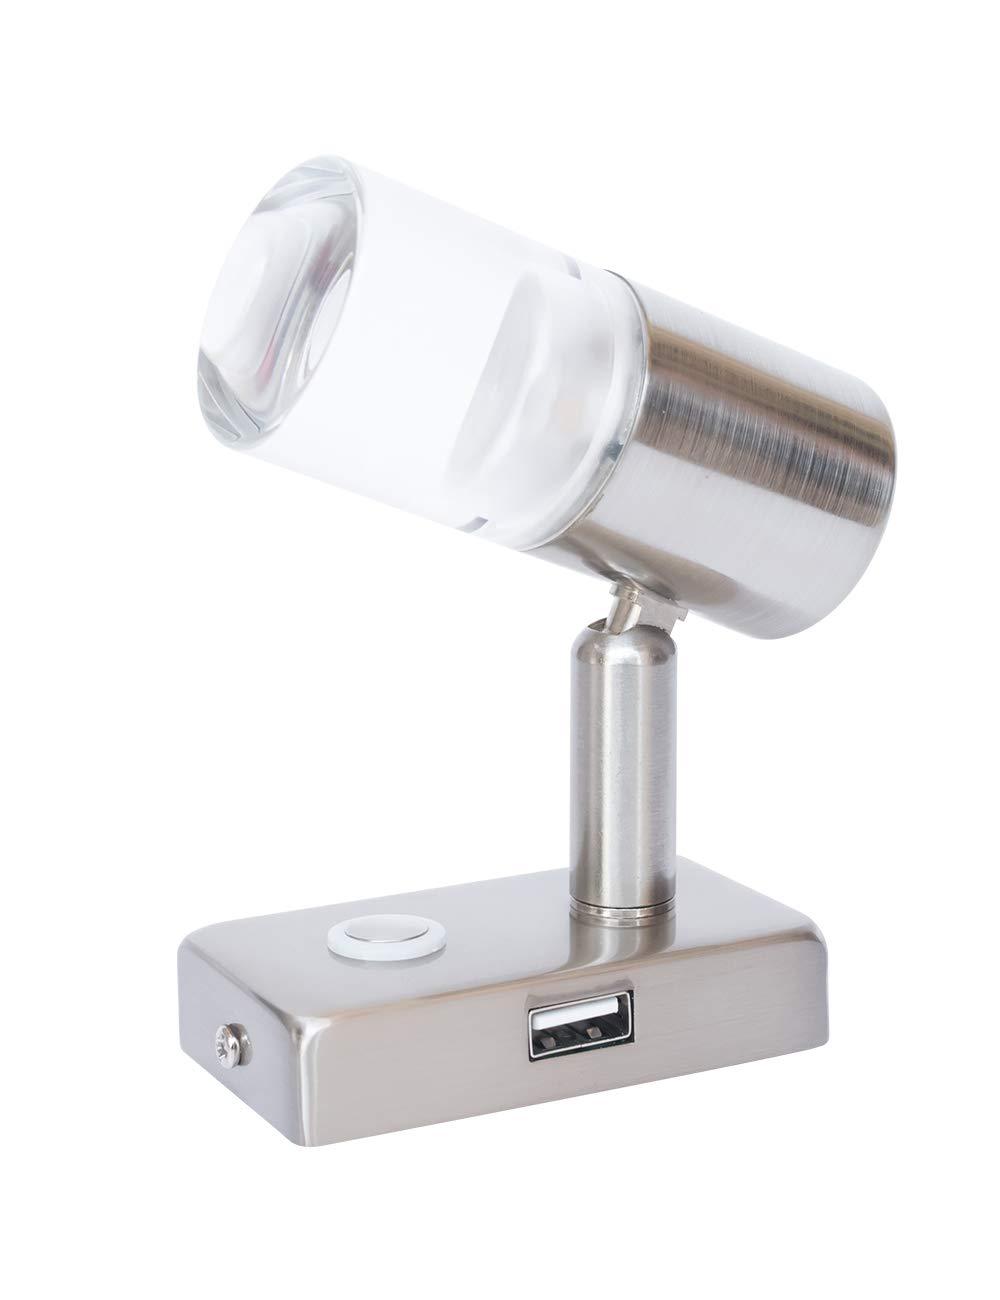 LIGHTEU, 12V 3W A2 USB Decken- / Wandstrahler, Nickel-Finish, Nachttischlampe, Leseleuchte Drehen und schwenken mit Touch-Schalter Dimmbares warmes weiß es/blaues Licht fü r Yacht, Caravan, RV